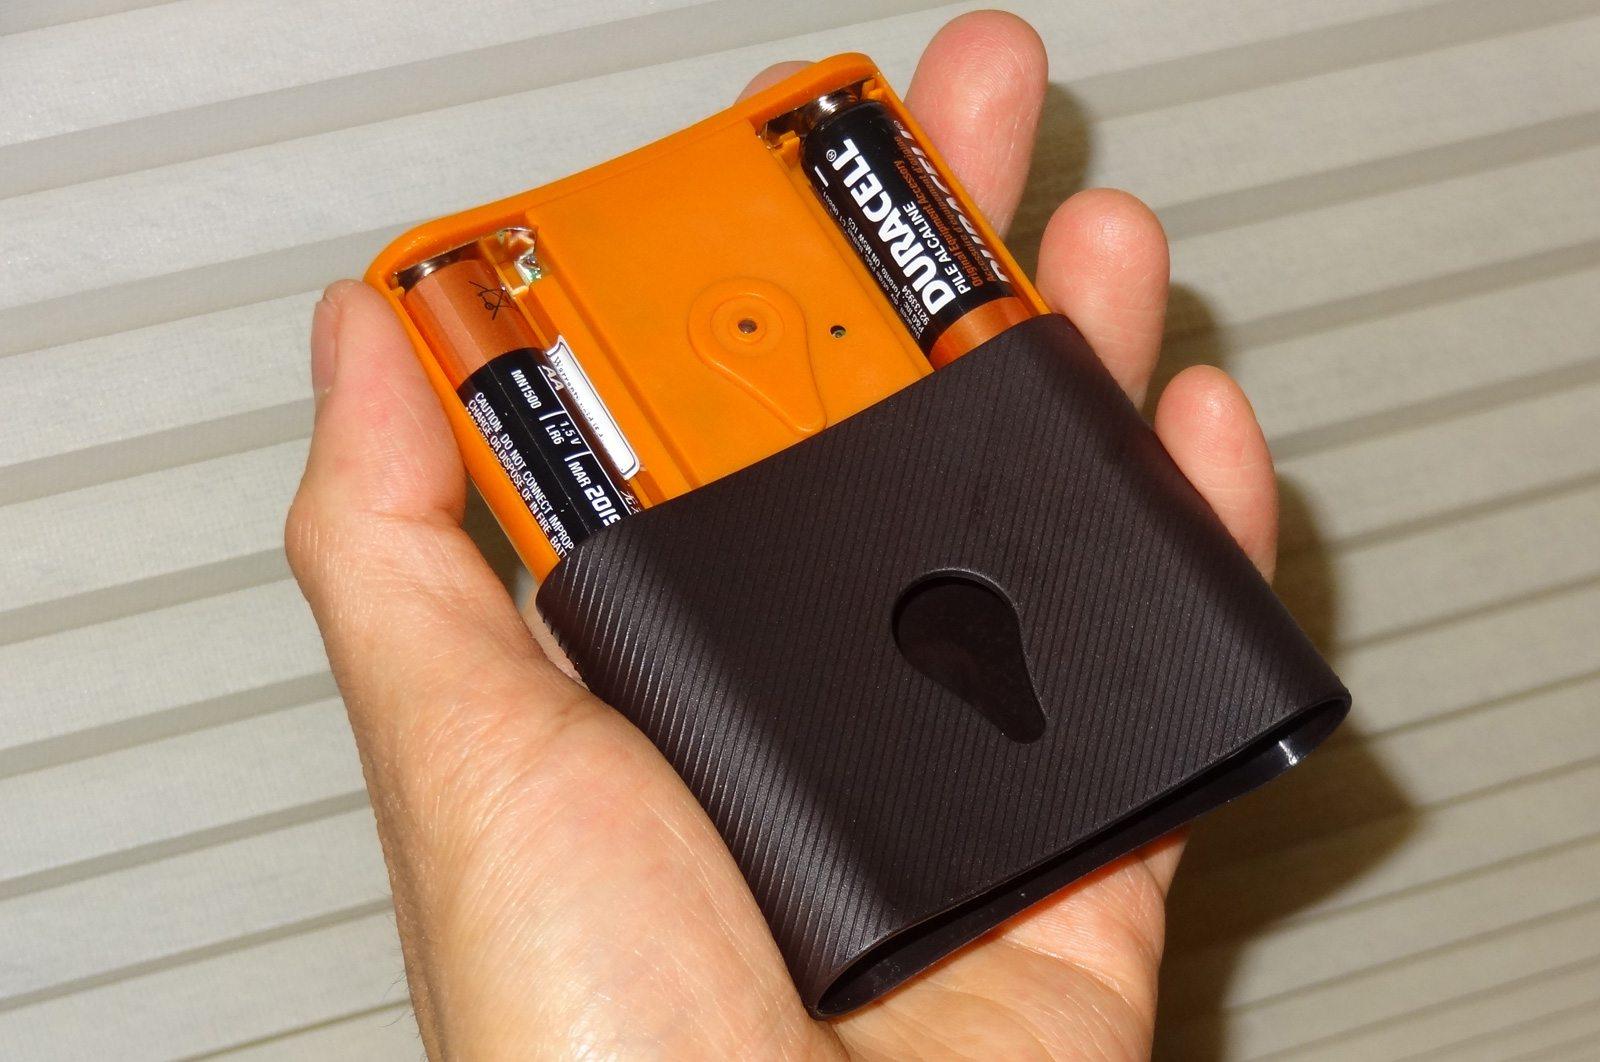 Trakdot batteries